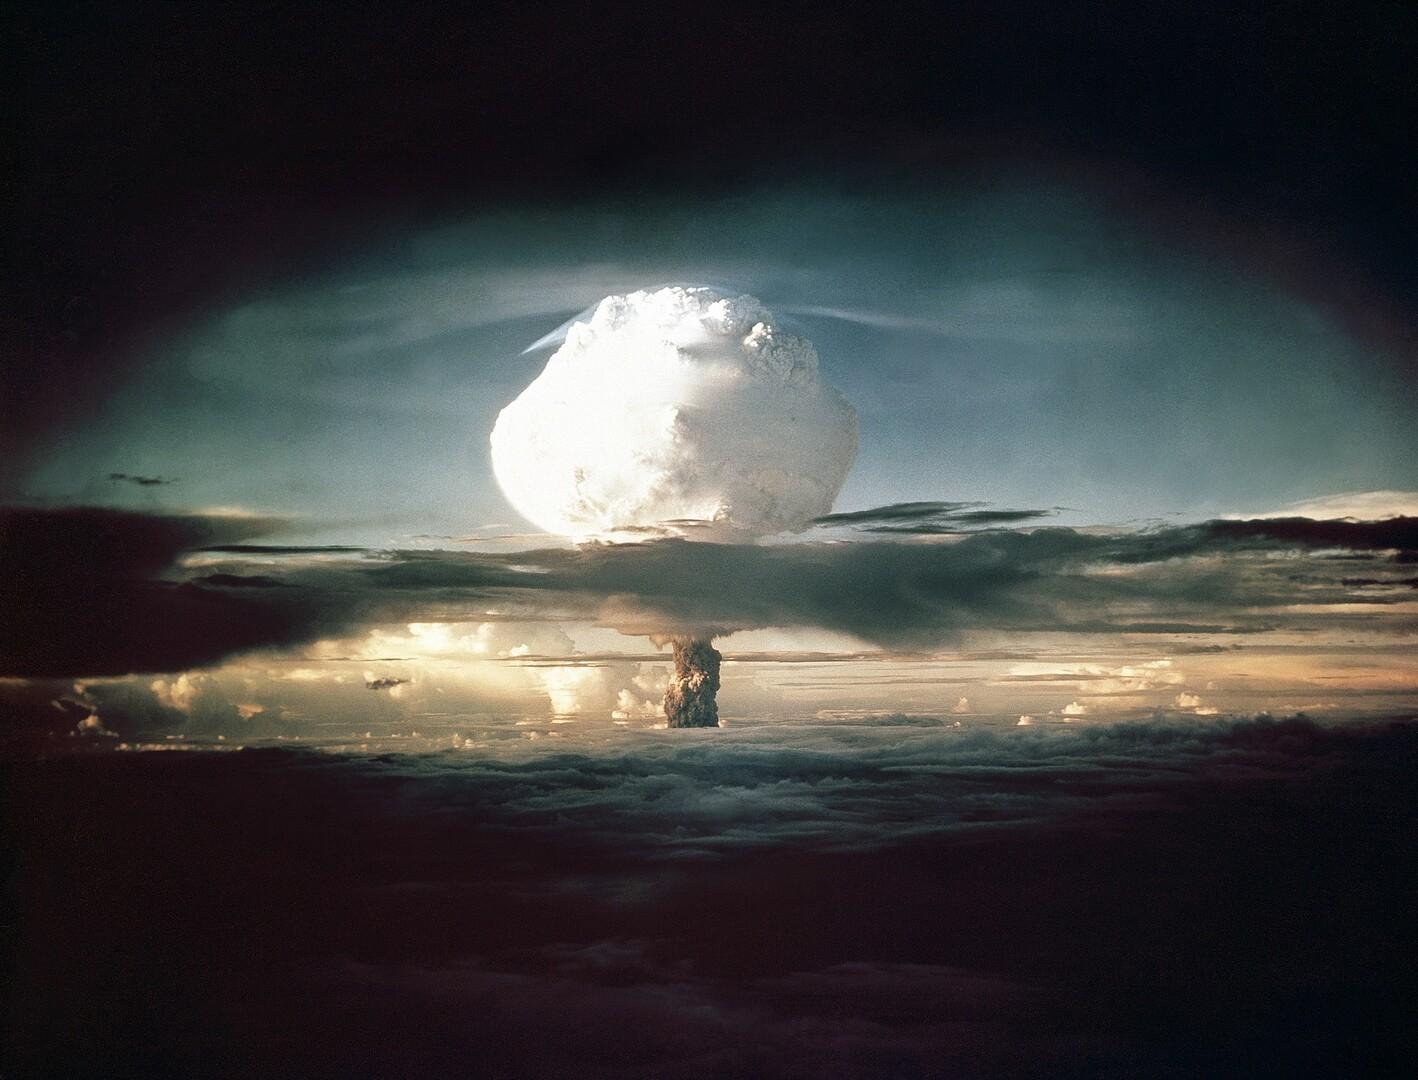 المعاهدة الدولية لحظر الأسلحة النووية تدخل حيز التنفيذ